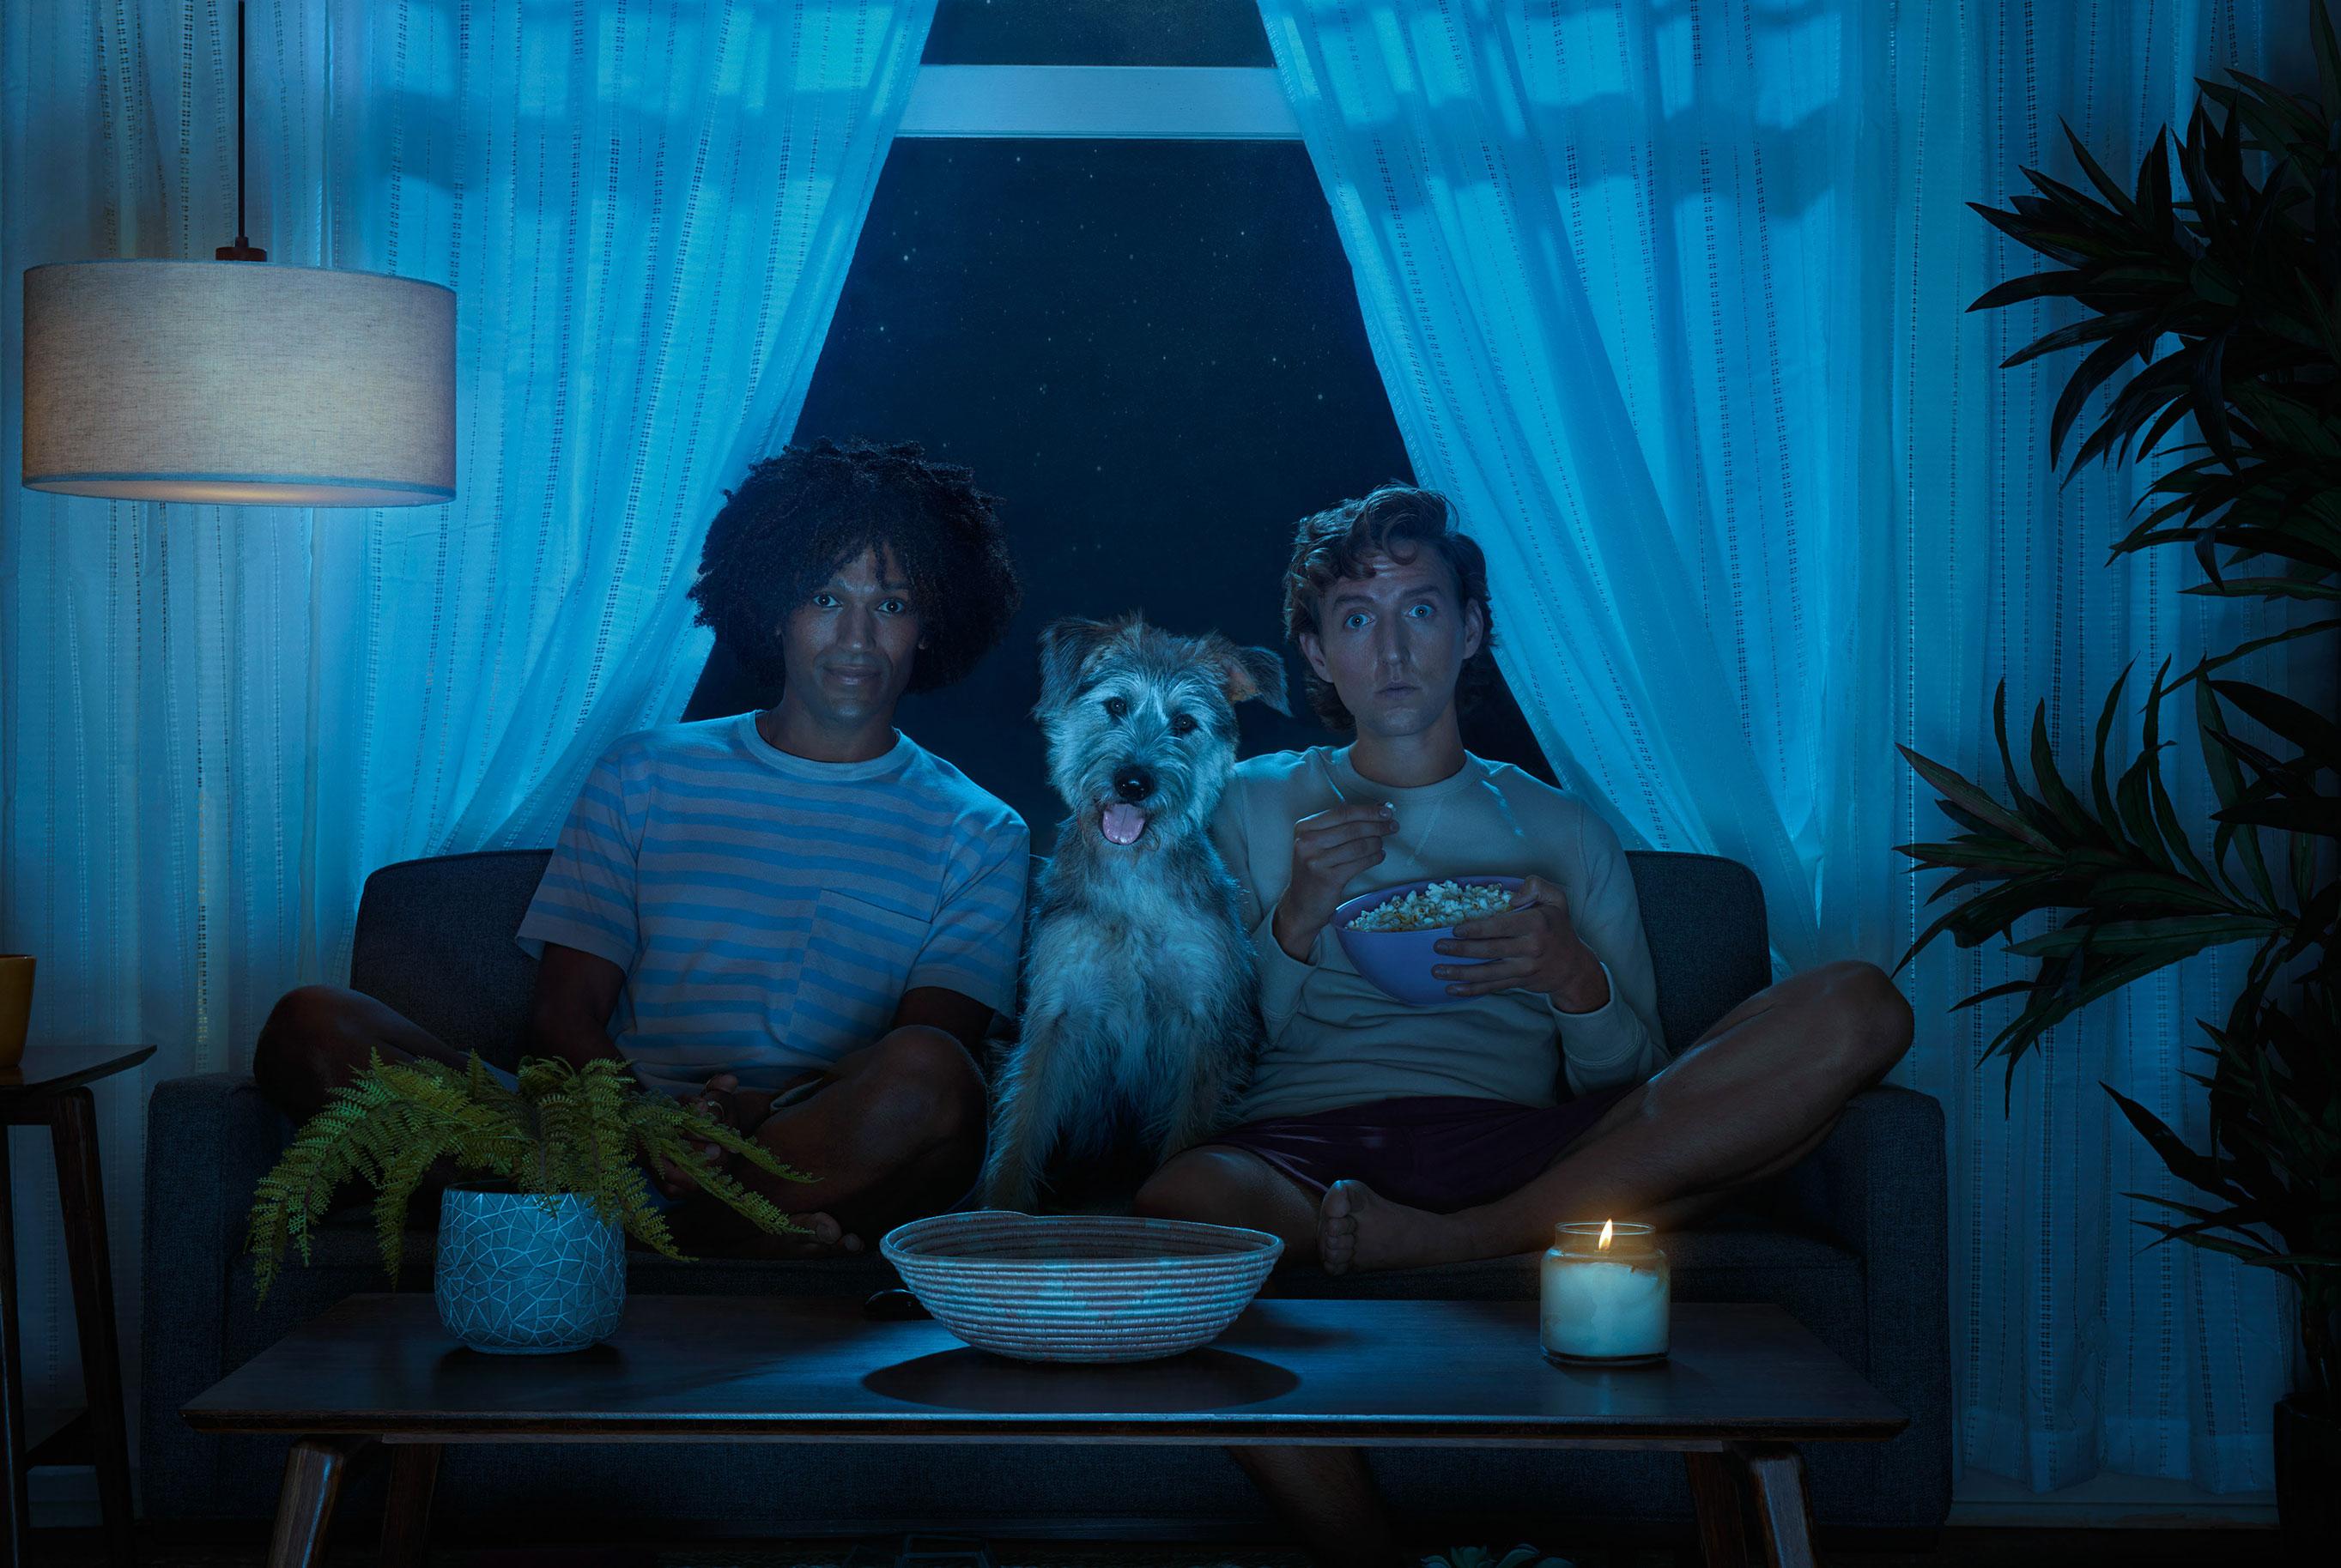 рекламная кампания успокаивающего лечебного CBD-средства для собак / фото 08